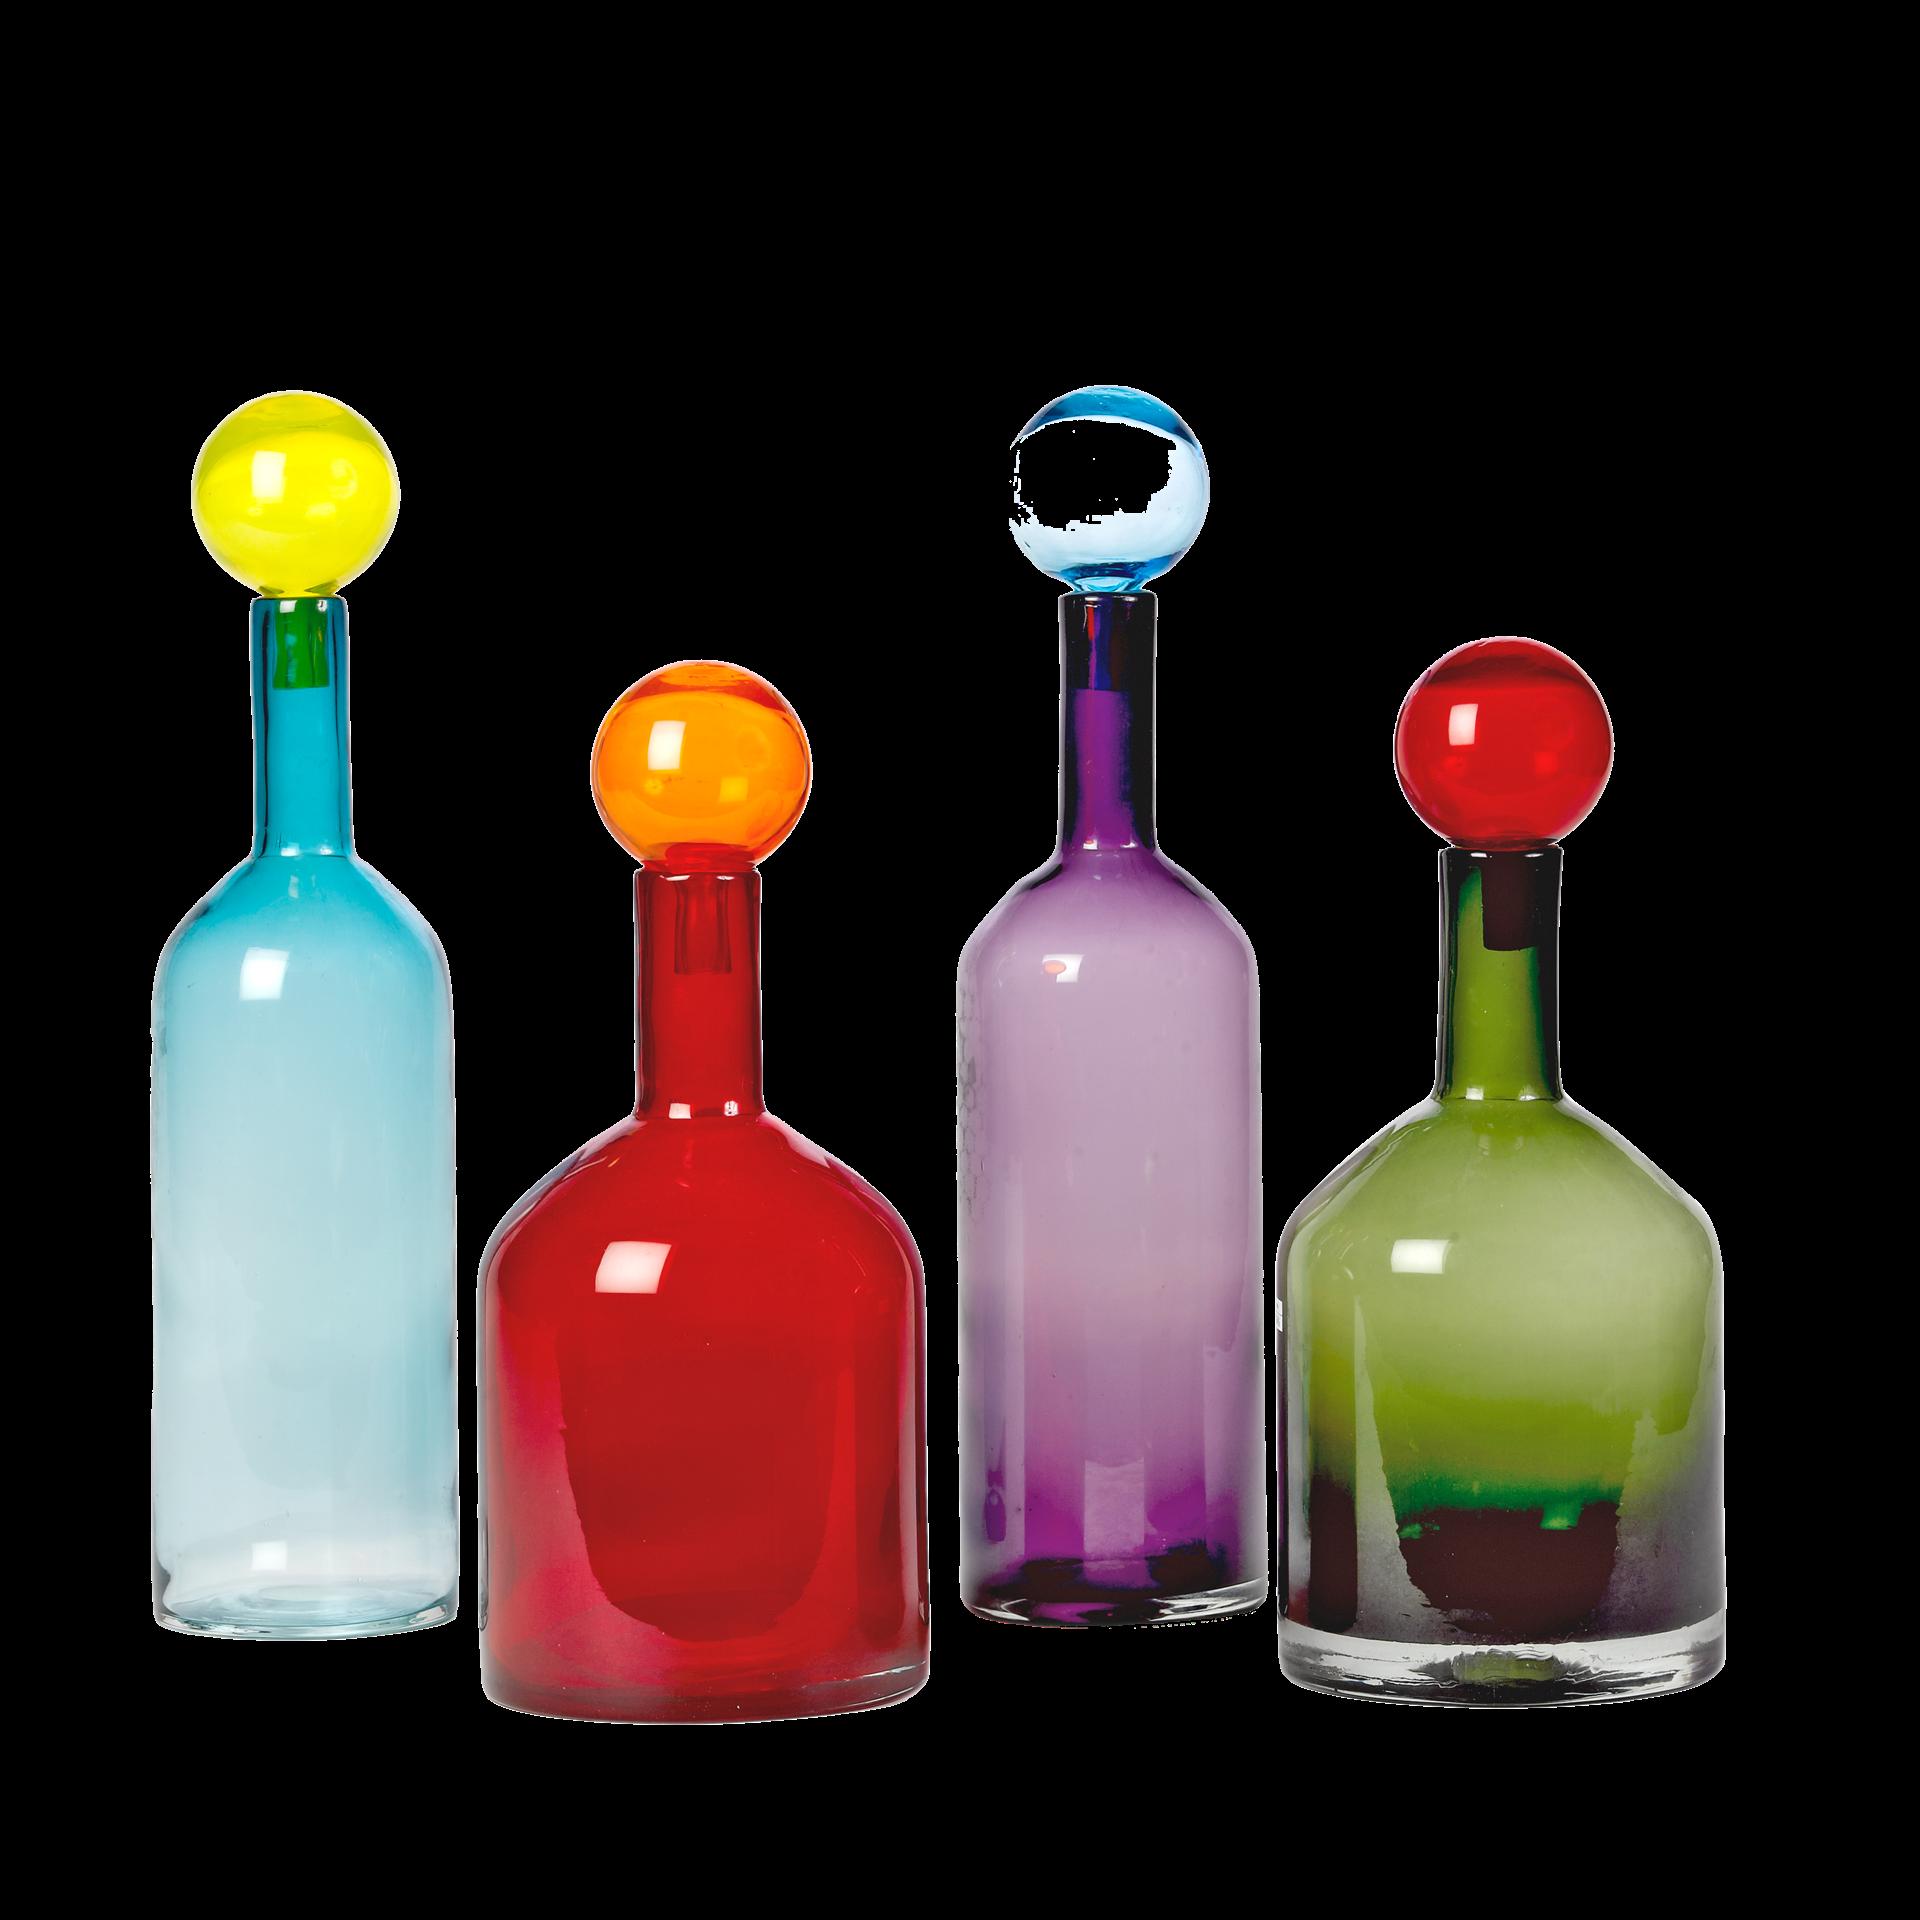 Glass Bottles Decorative Set Of 4 Glass Bottles Wbubble Caps Vibrant Colors  Bidkhome